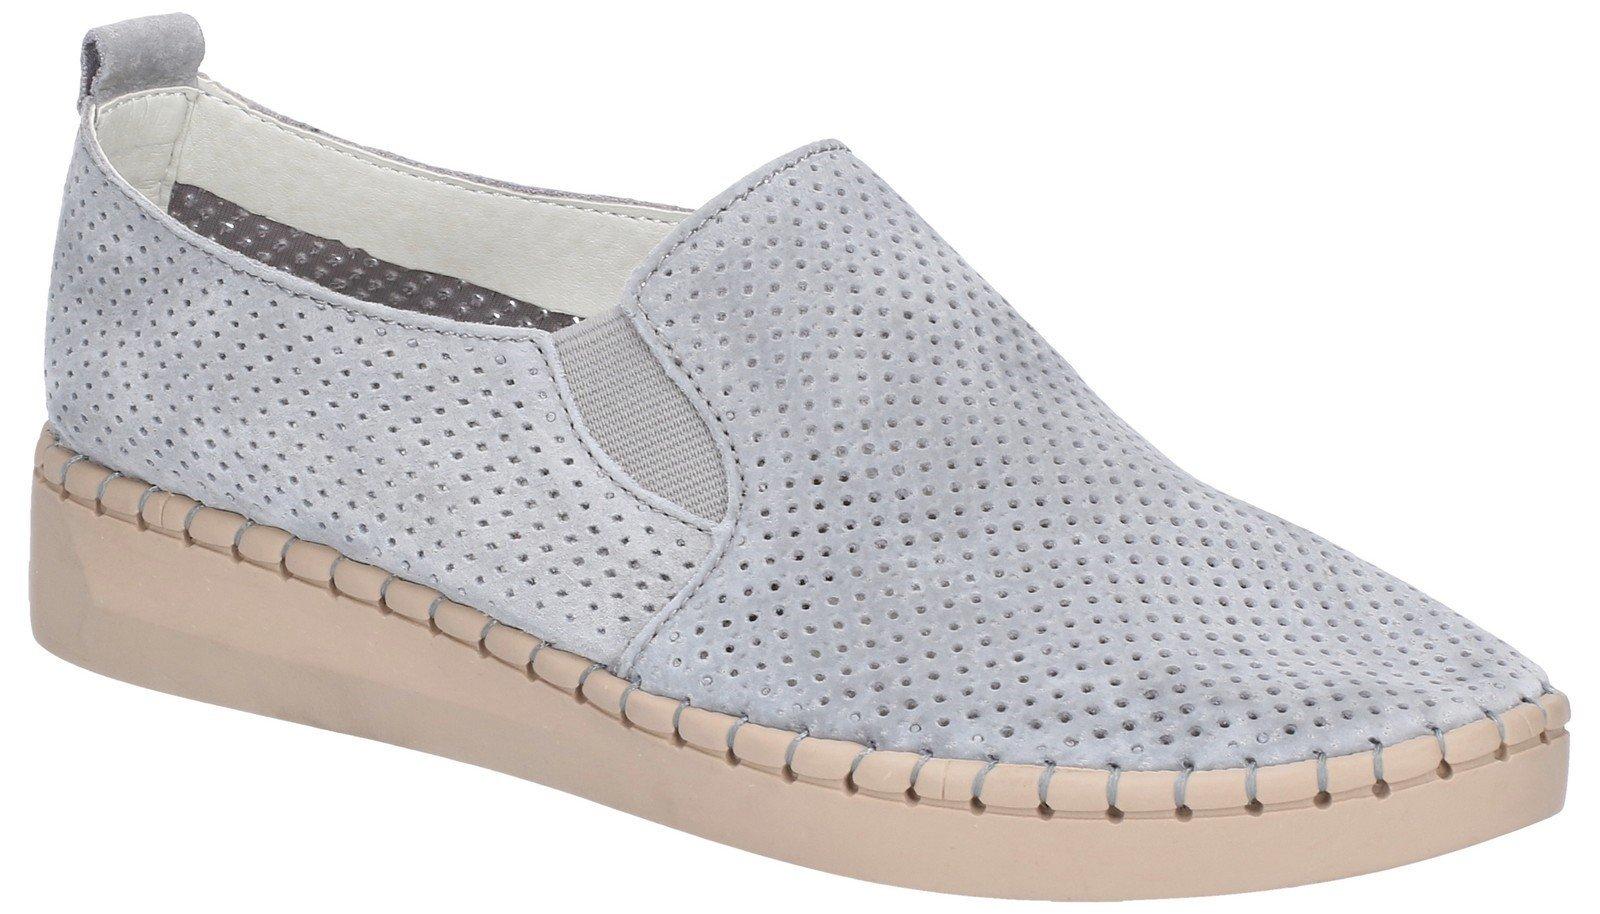 Fleet & Foster Women's Tulip Slip On Shoe Blue 28262-47470 - Grey 3